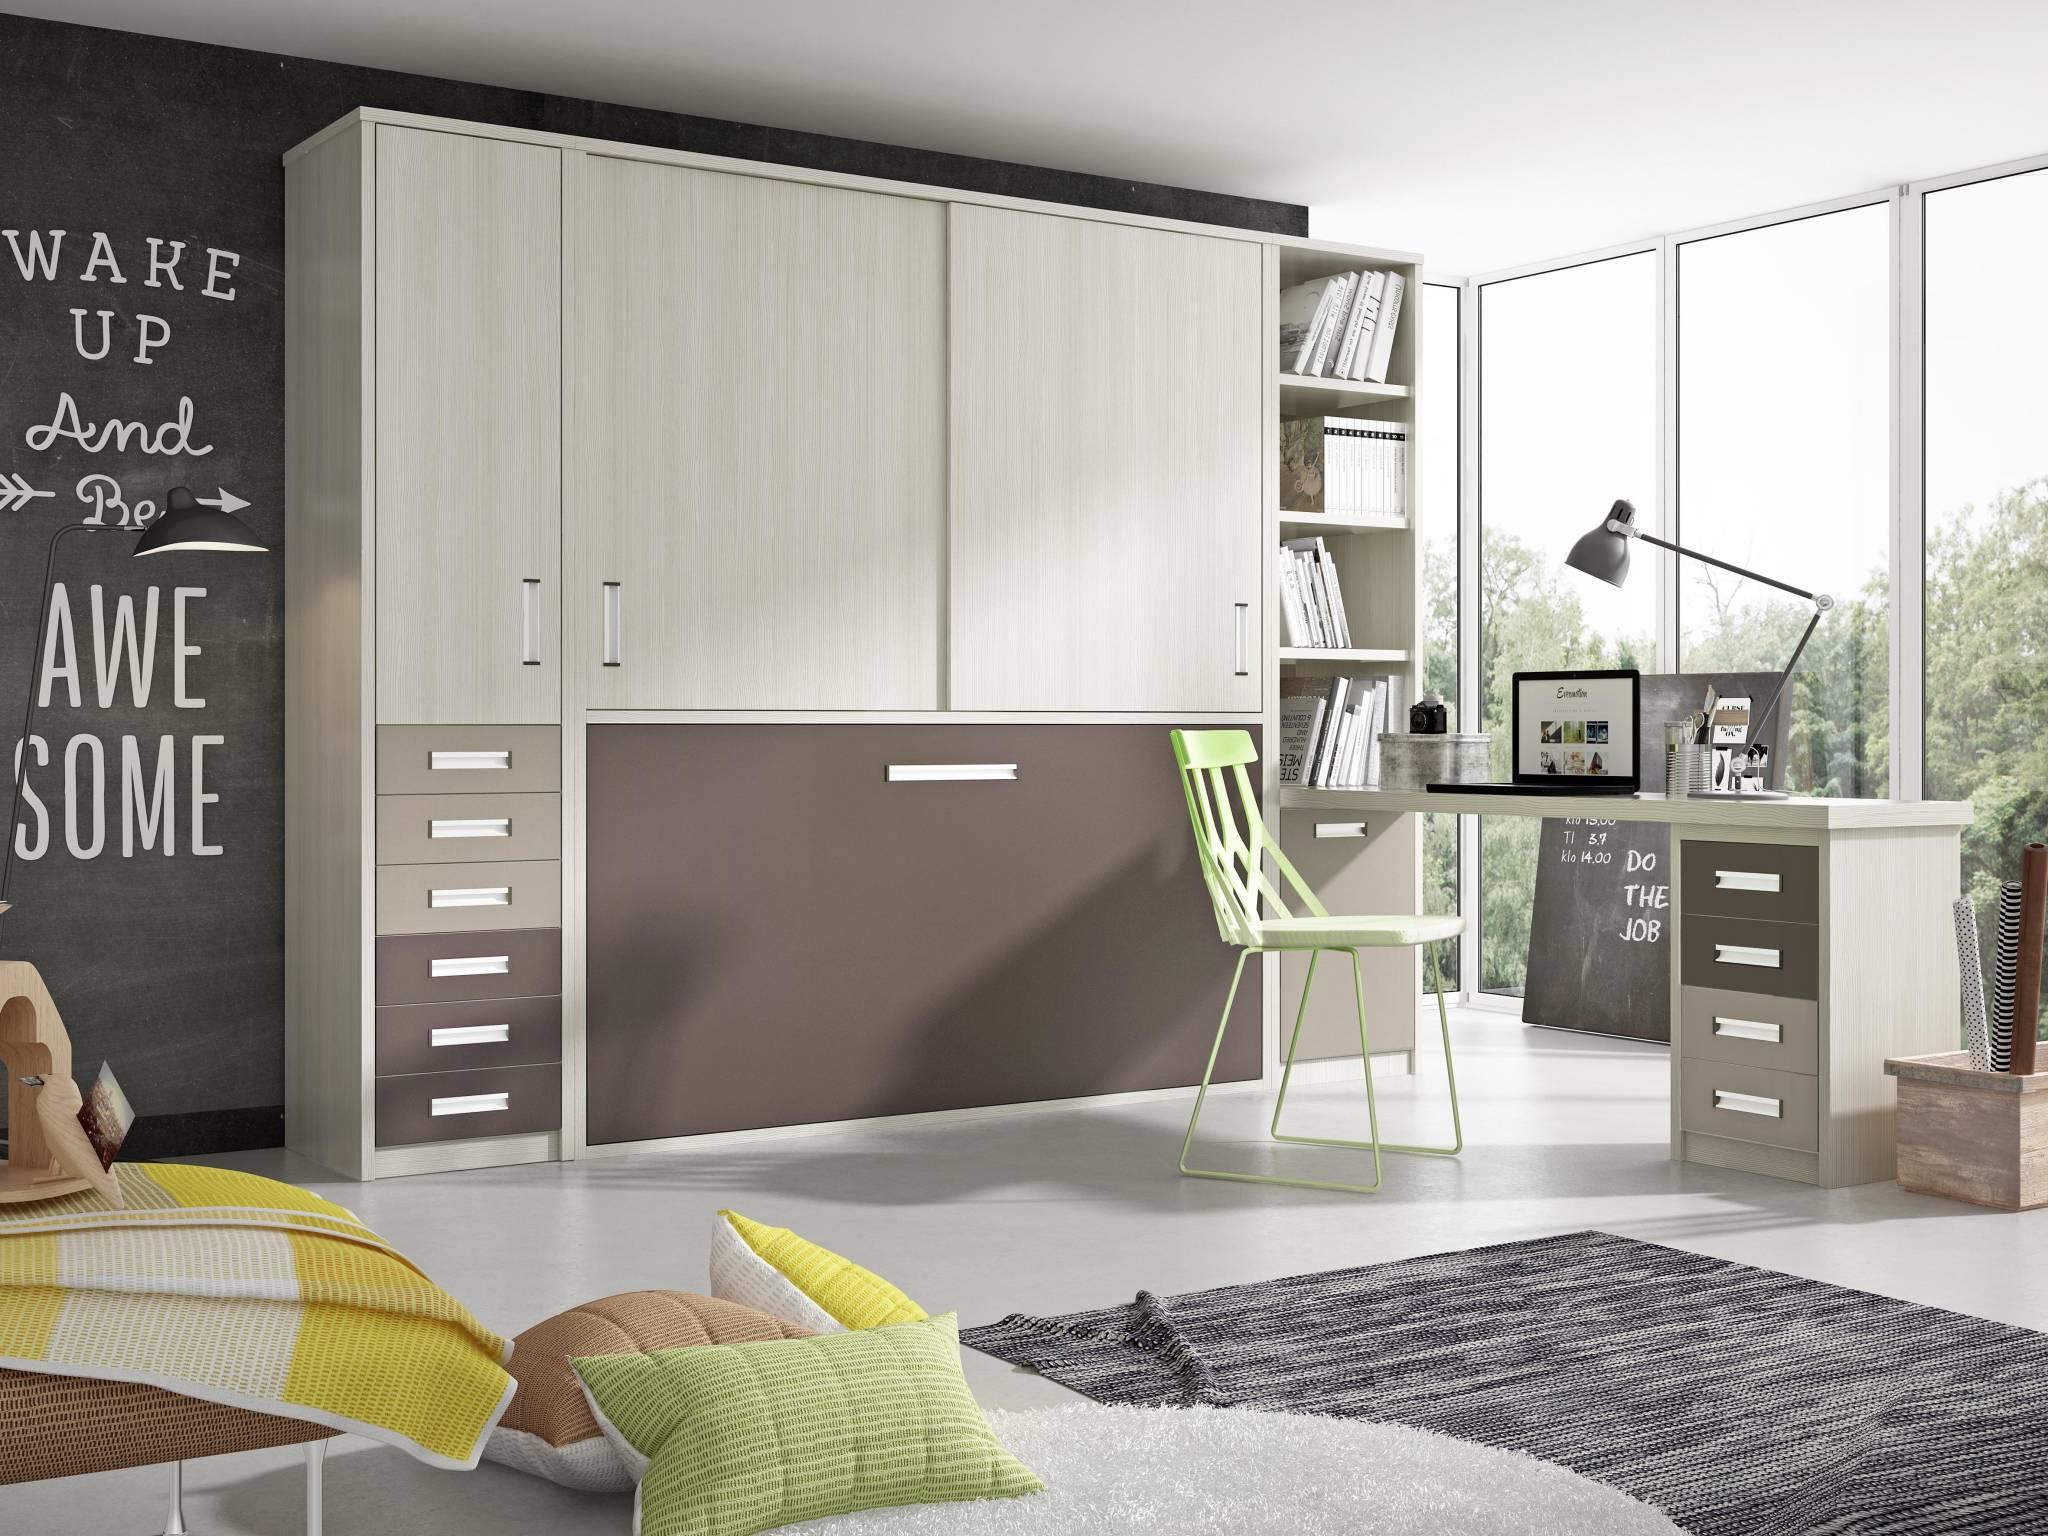 Cama Convertible Horizontal Tera. Dormitorio Juvenil con Cama Horizontal Muebles Díaz